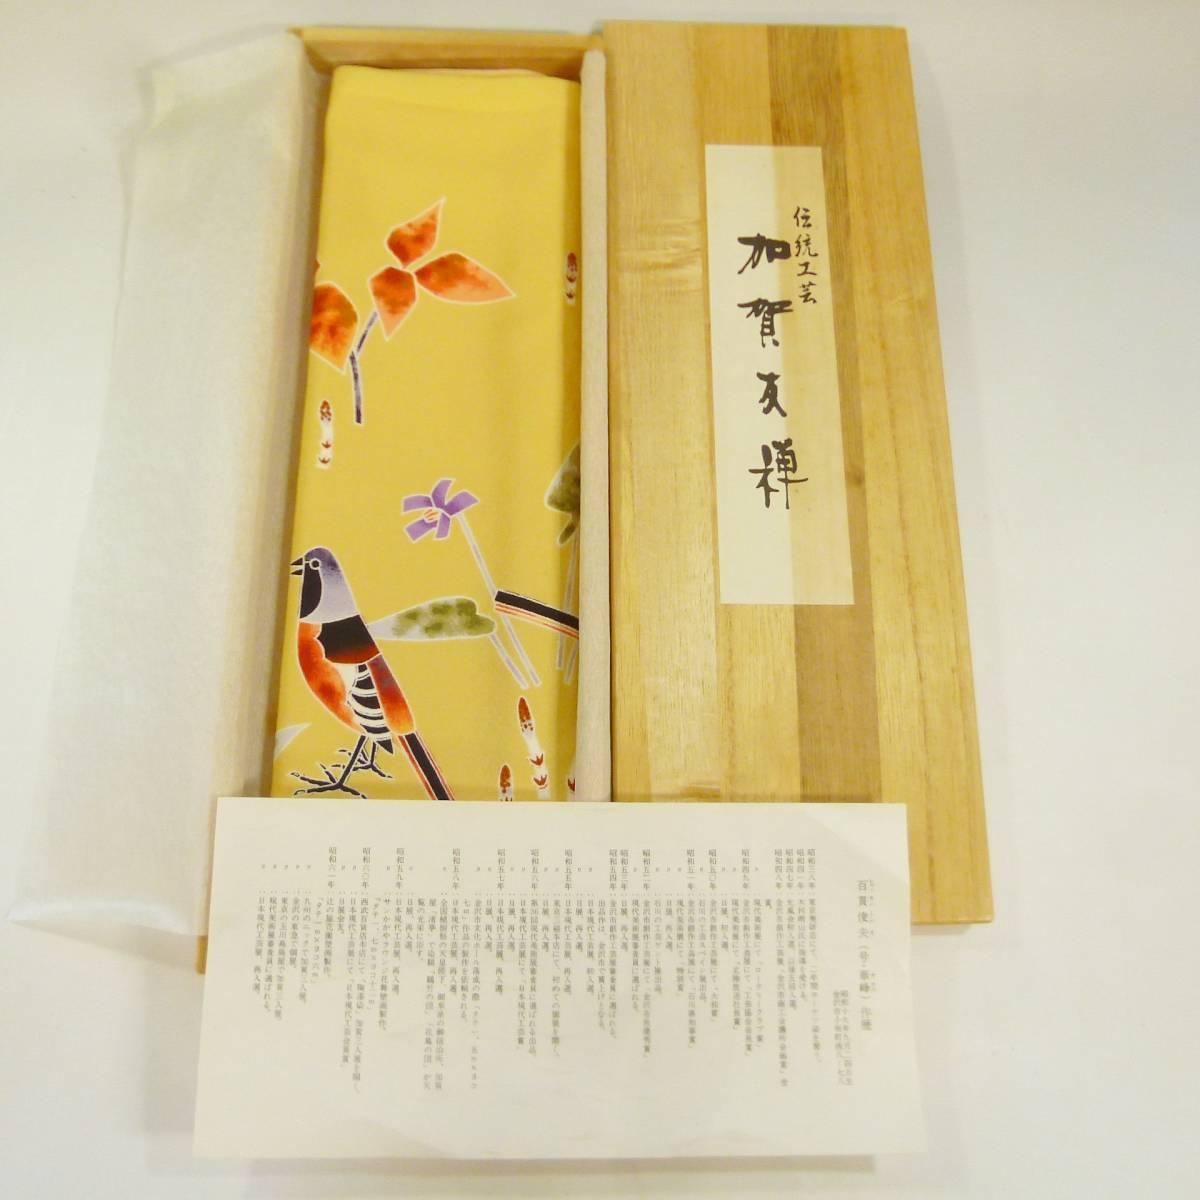 伝統工芸 加賀友禅 作家物 百貫俊夫 号:華峰 卓布 テーブルセンター